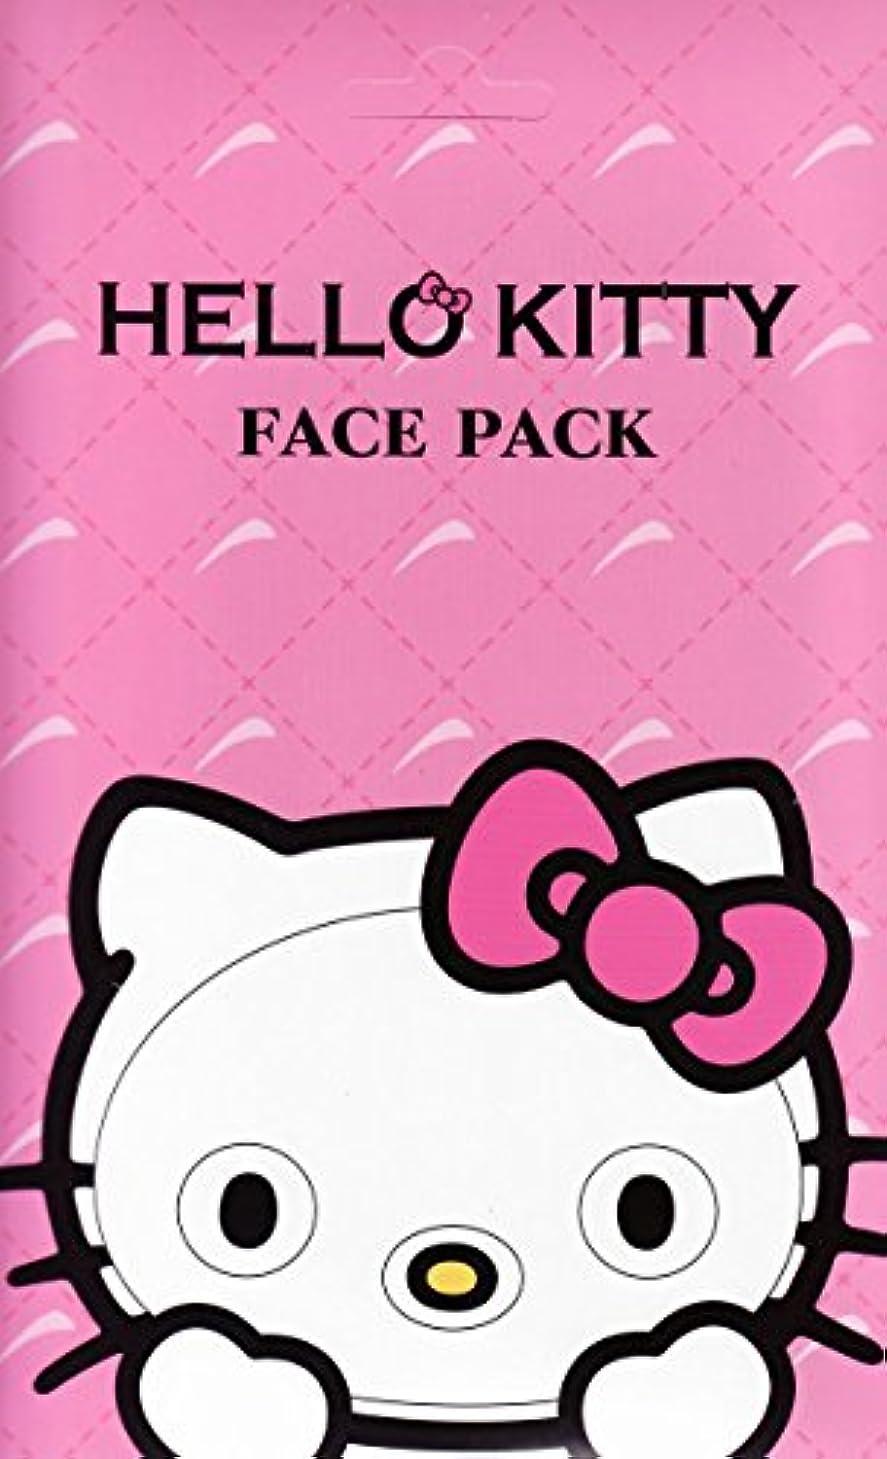 ショートカット進化するオーバーコートハローキティ なりきりフェイスパック サクラの香り キティになれるフェイスパック